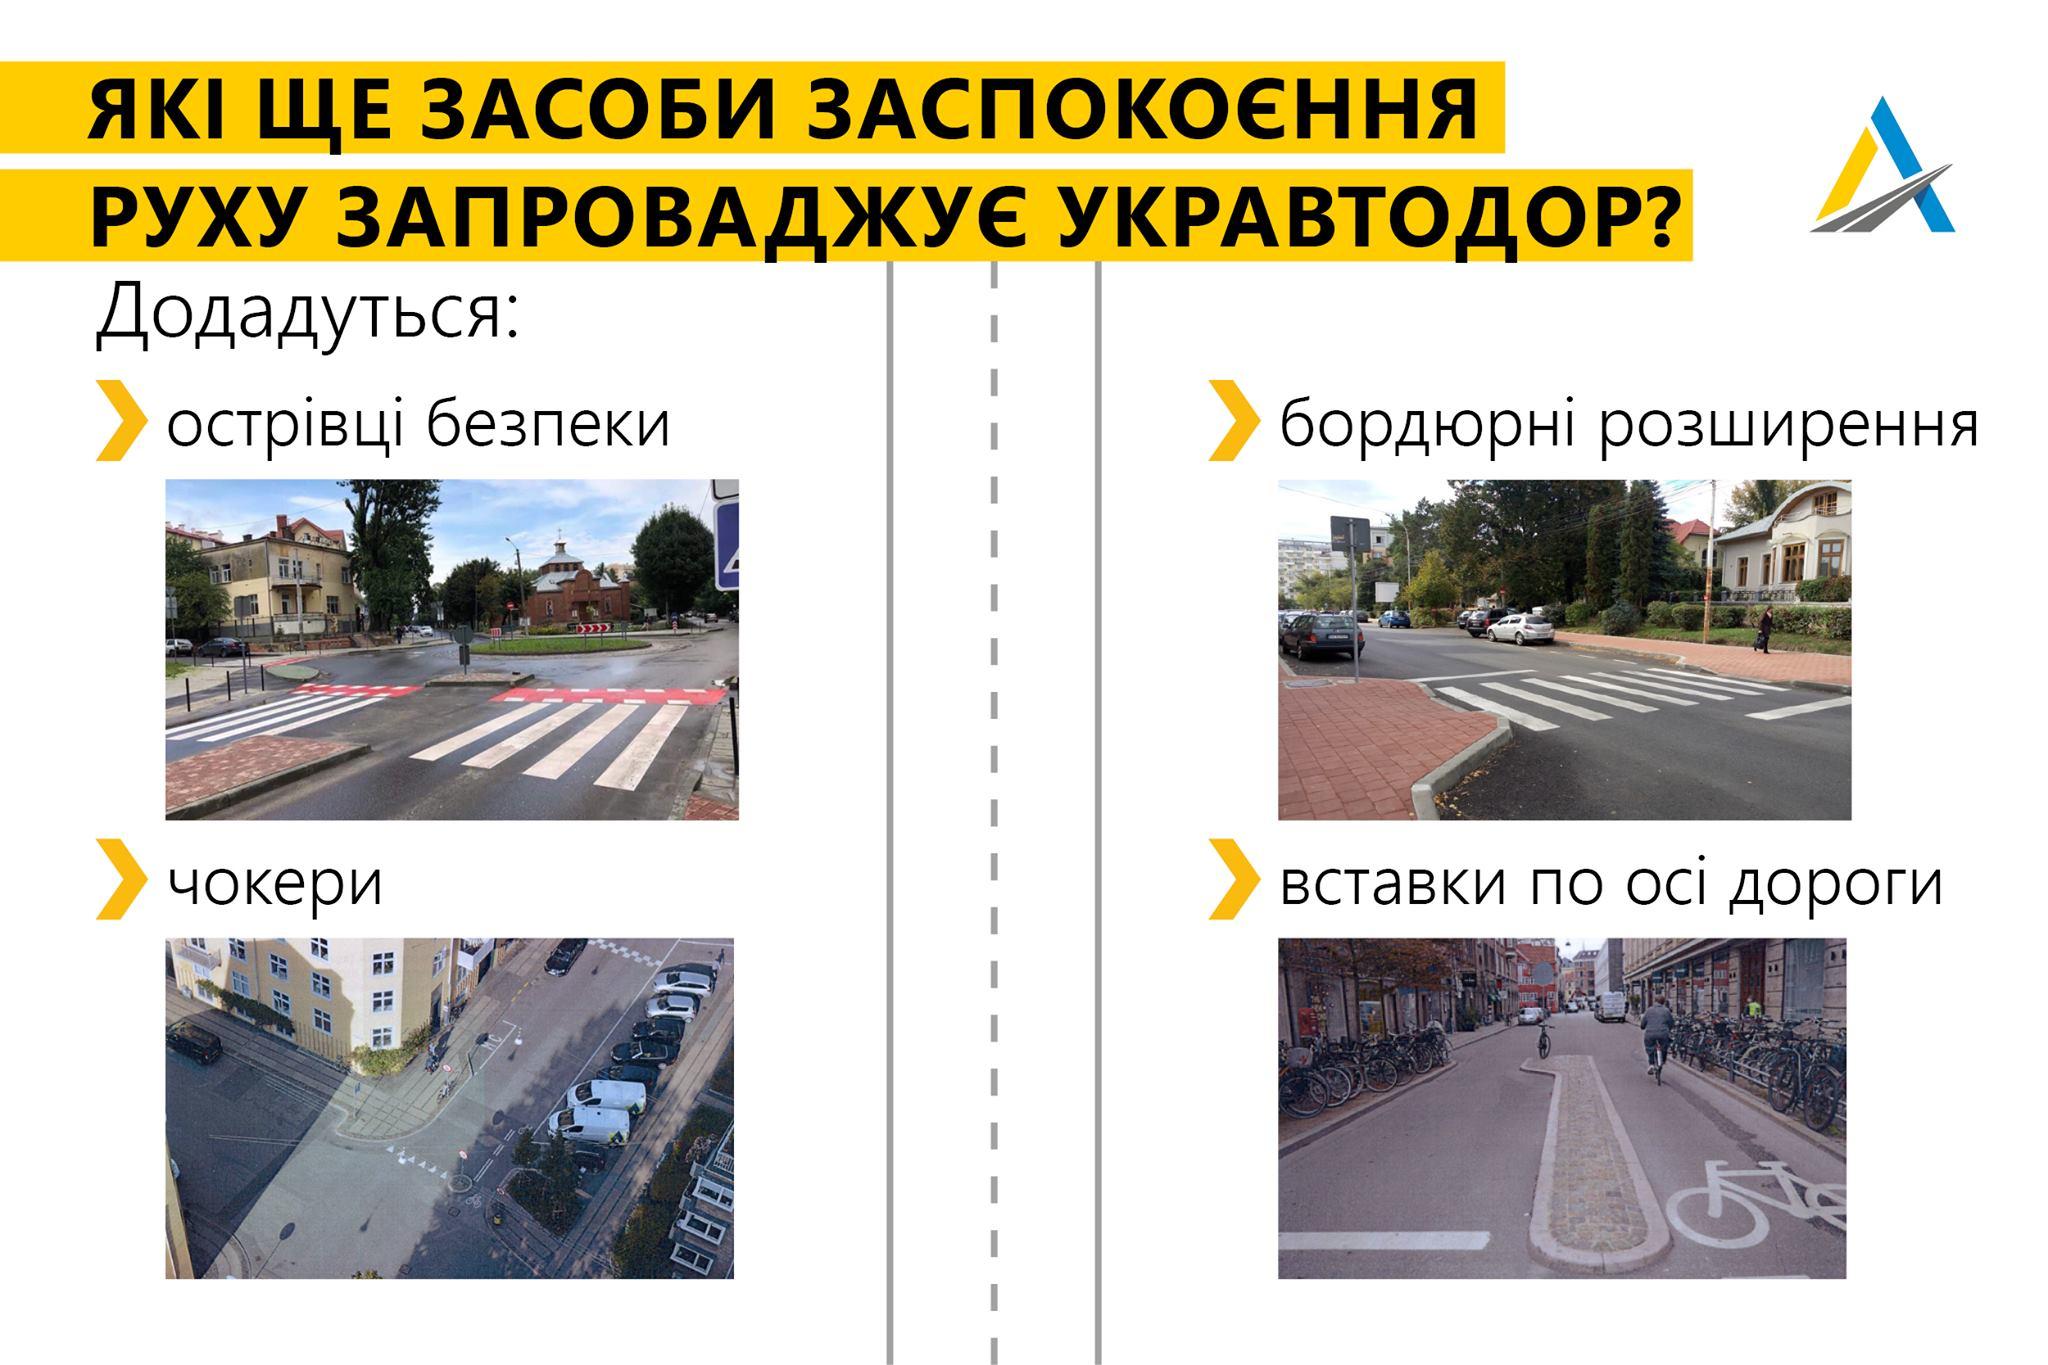 Водители будут ездить медленнее. Вступили в силу новые дорожные стандарты: инфографика